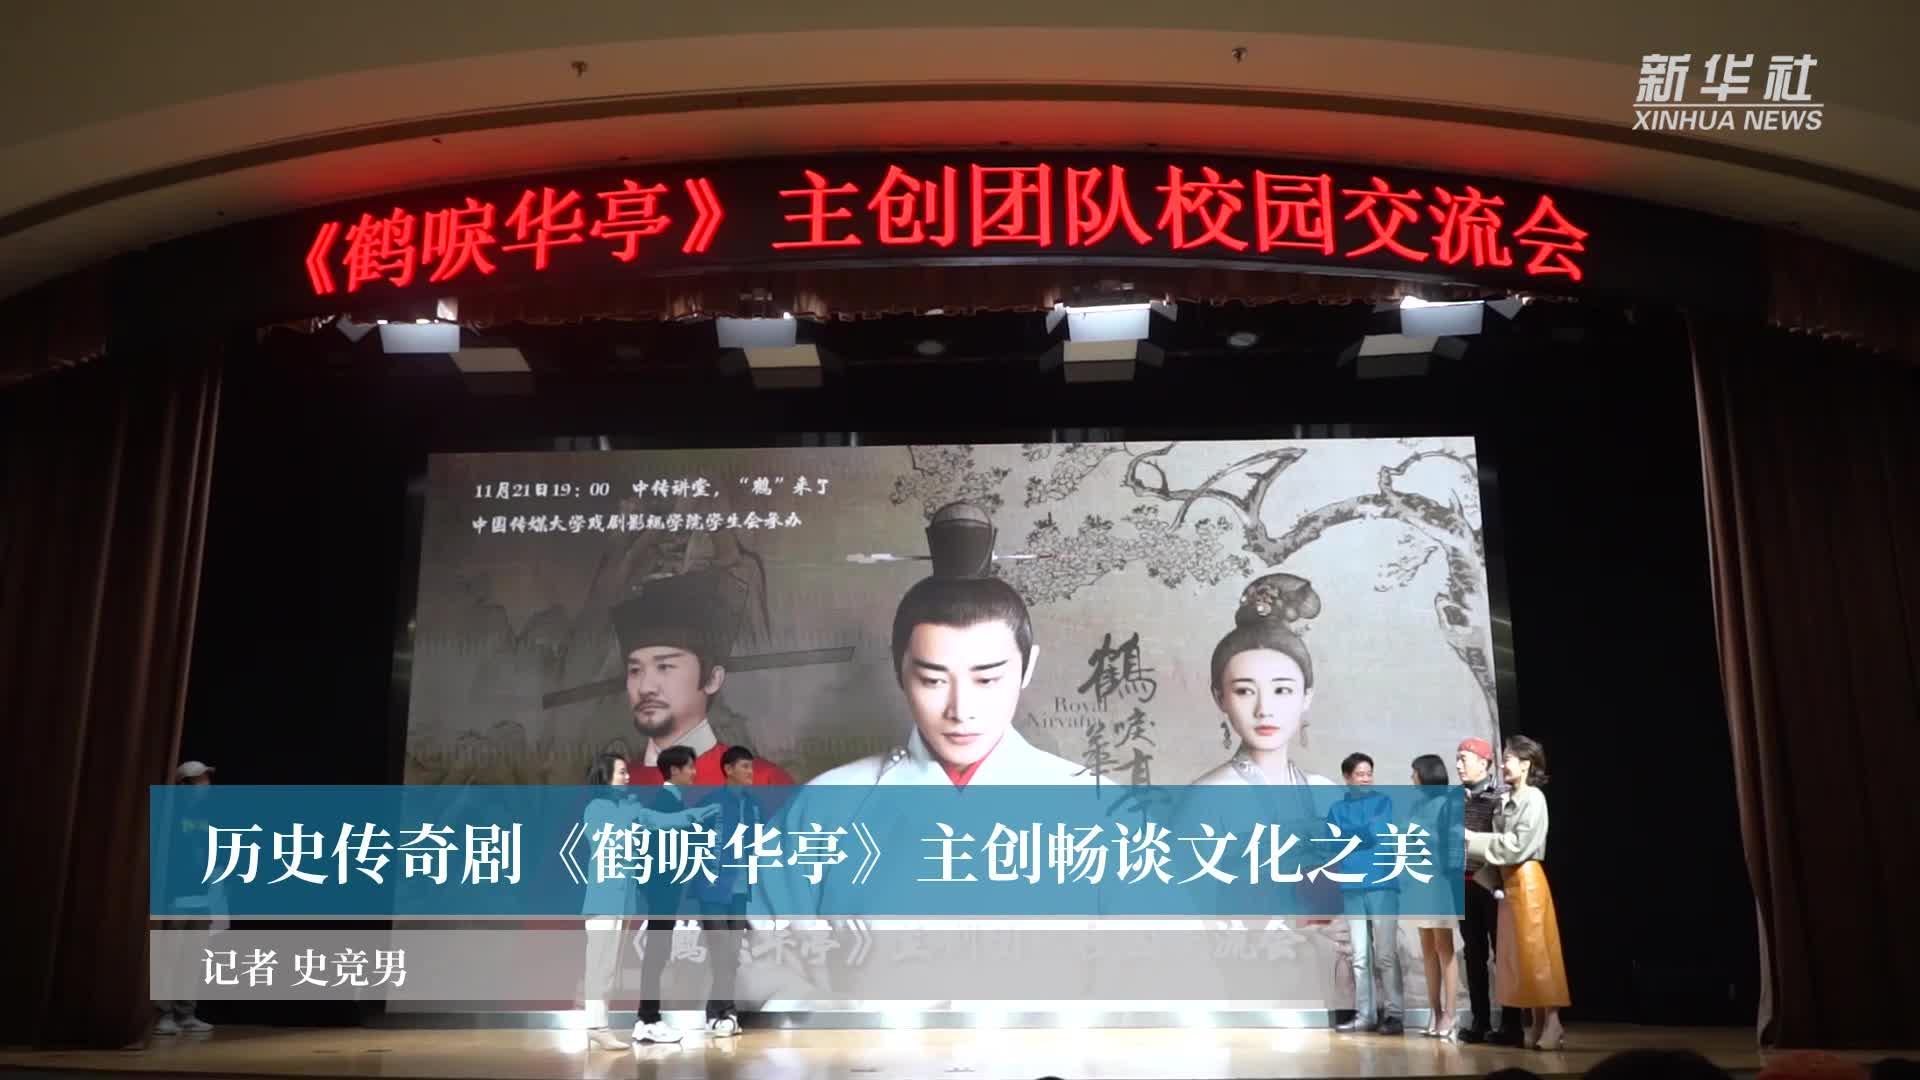 历史传奇剧《鹤唳华亭》主创畅谈文化之美